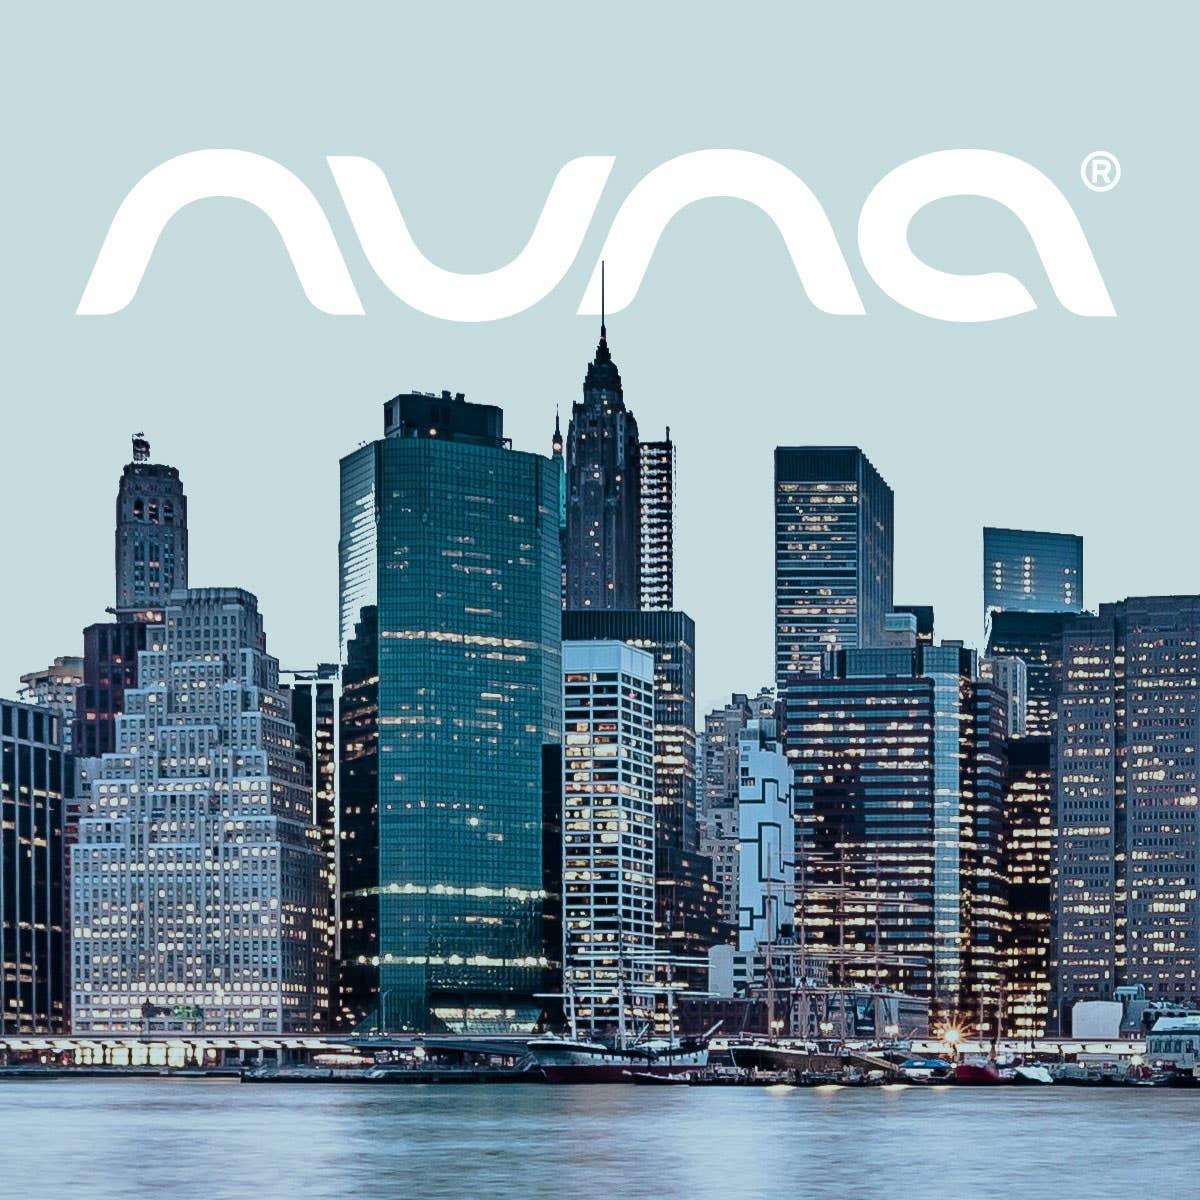 Nuna logo over NYC skyline